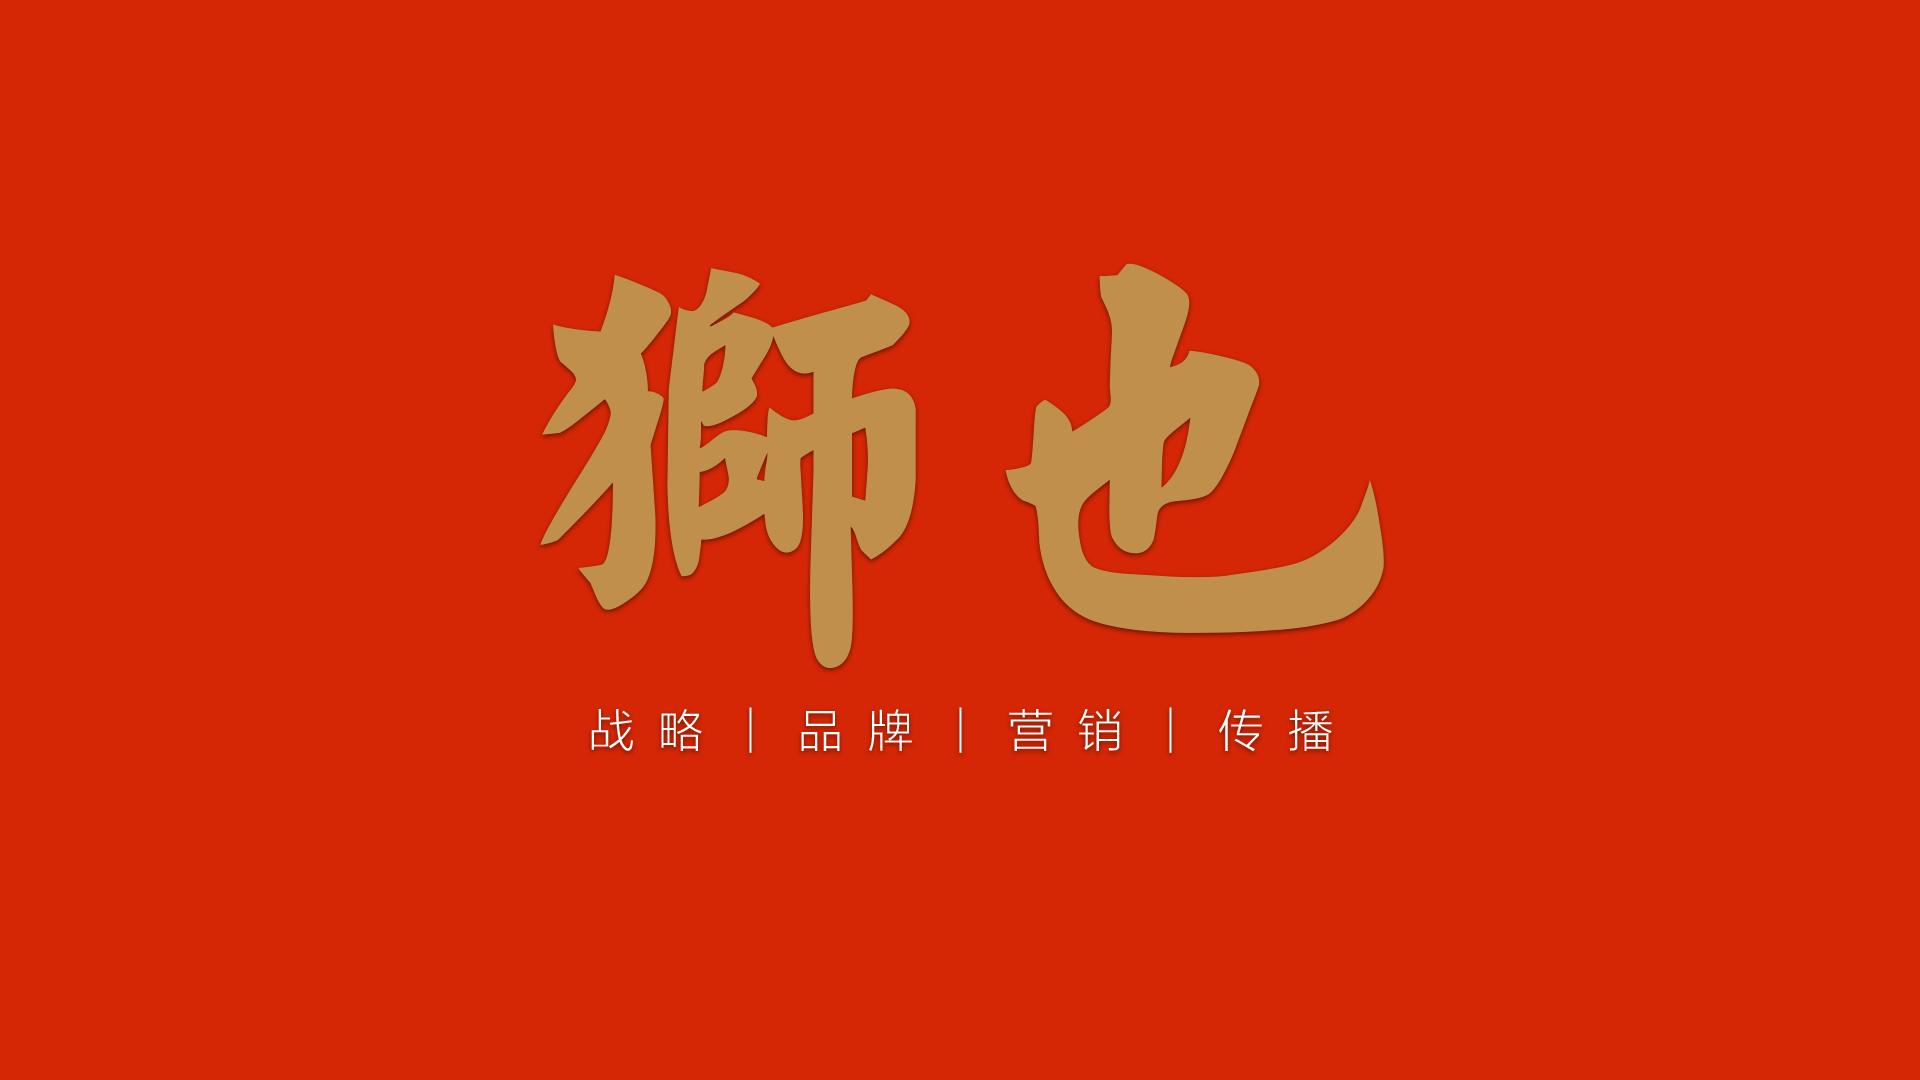 上海营销策划公司—市场营销战略策划的主要内容